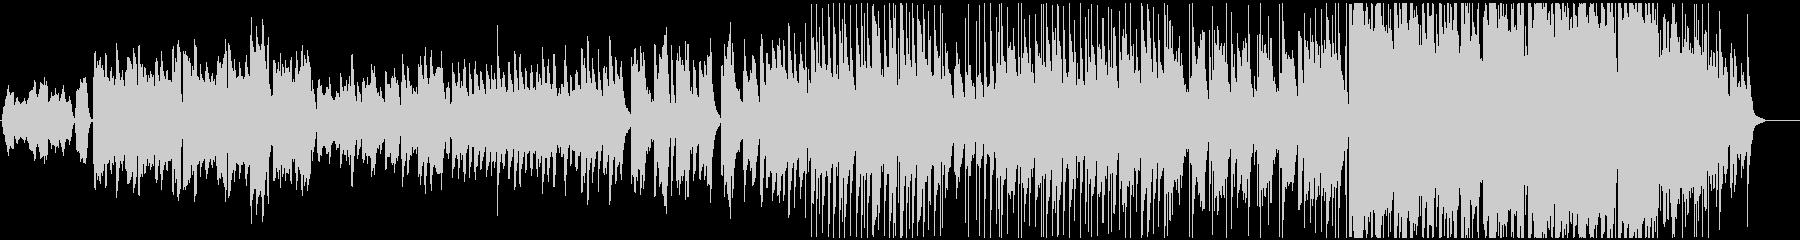 結婚式のクライマックをイメージしたBGMの未再生の波形